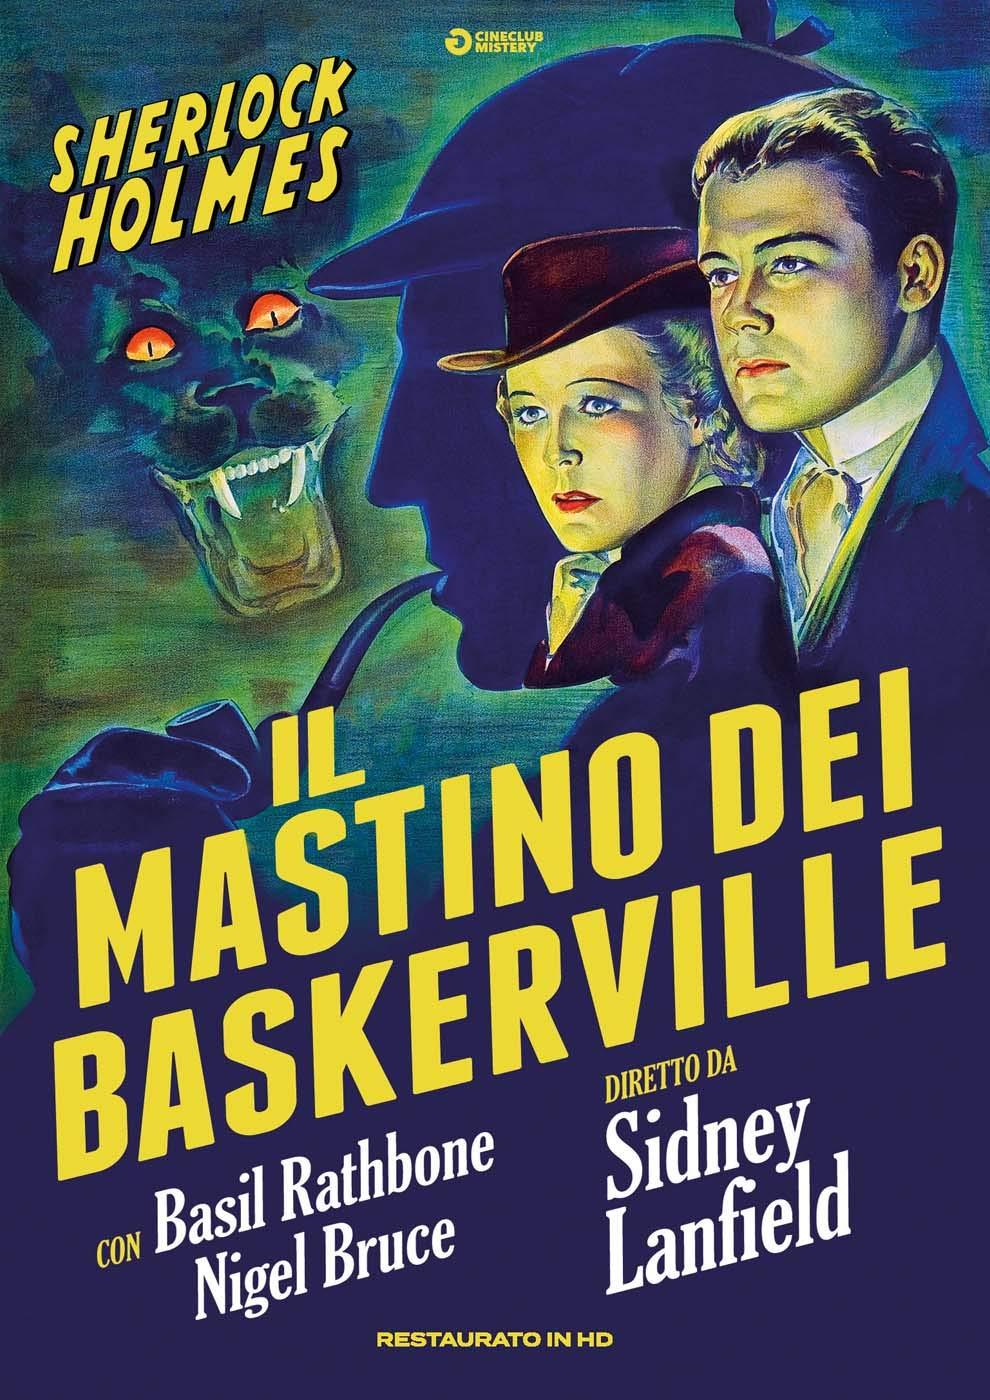 SHERLOCK HOLMES - IL MASTINO DEI BASKERVILLE (RESTAURATO IN HD)